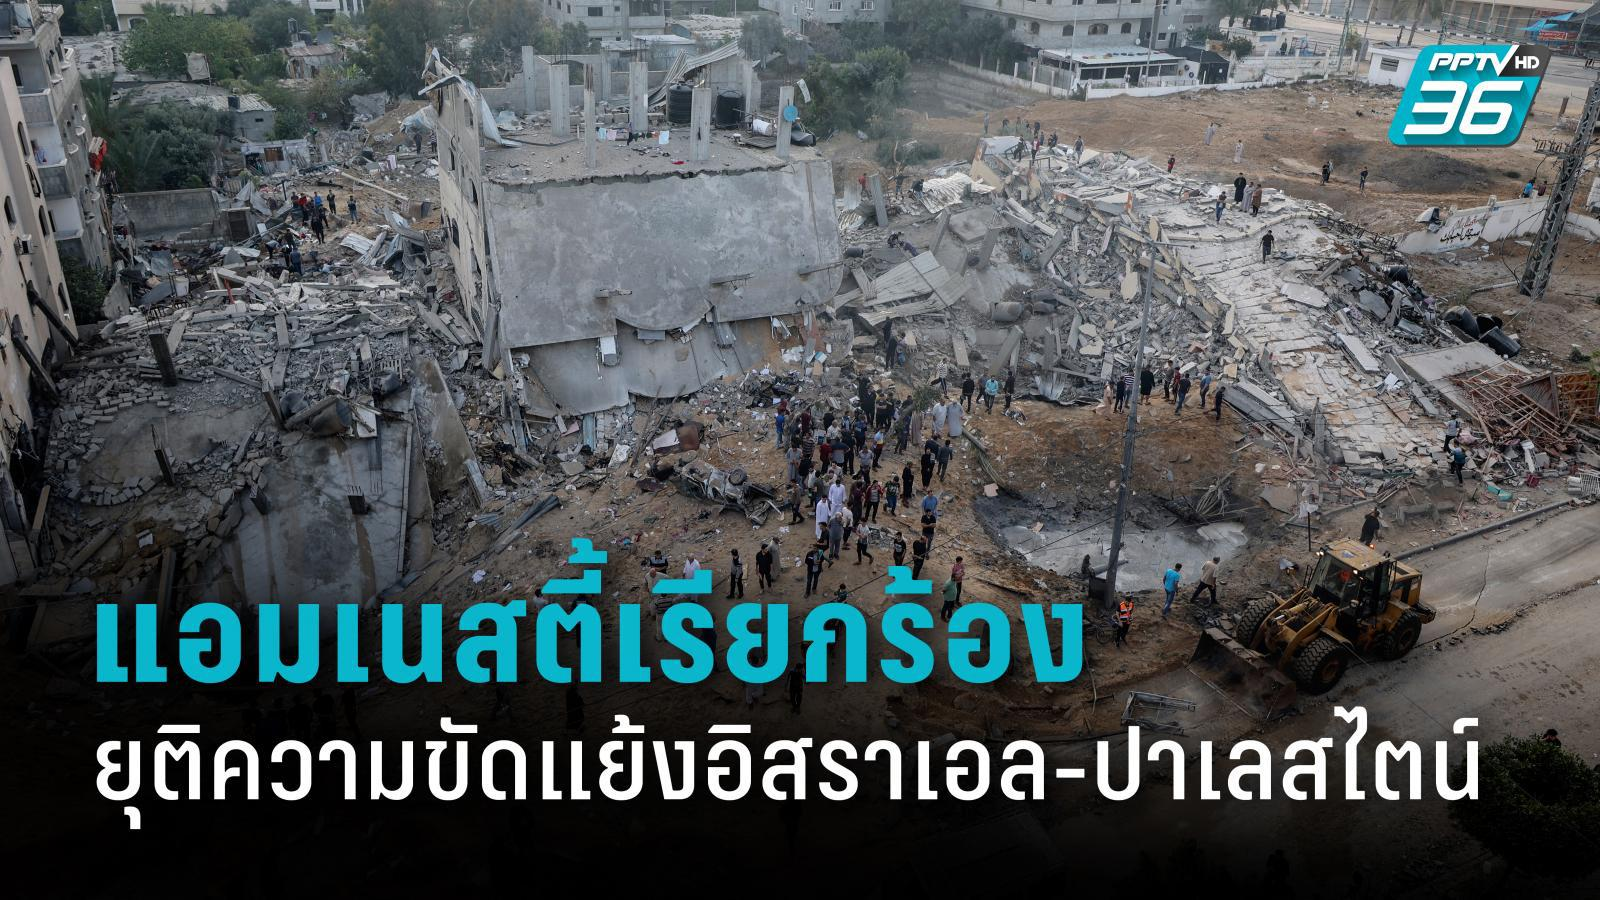 แอมเนสตี้เรียกร้องประชาคมโลกร่วมยุติความขัดแย้งอิสราเอล-ปาเลสไตน์